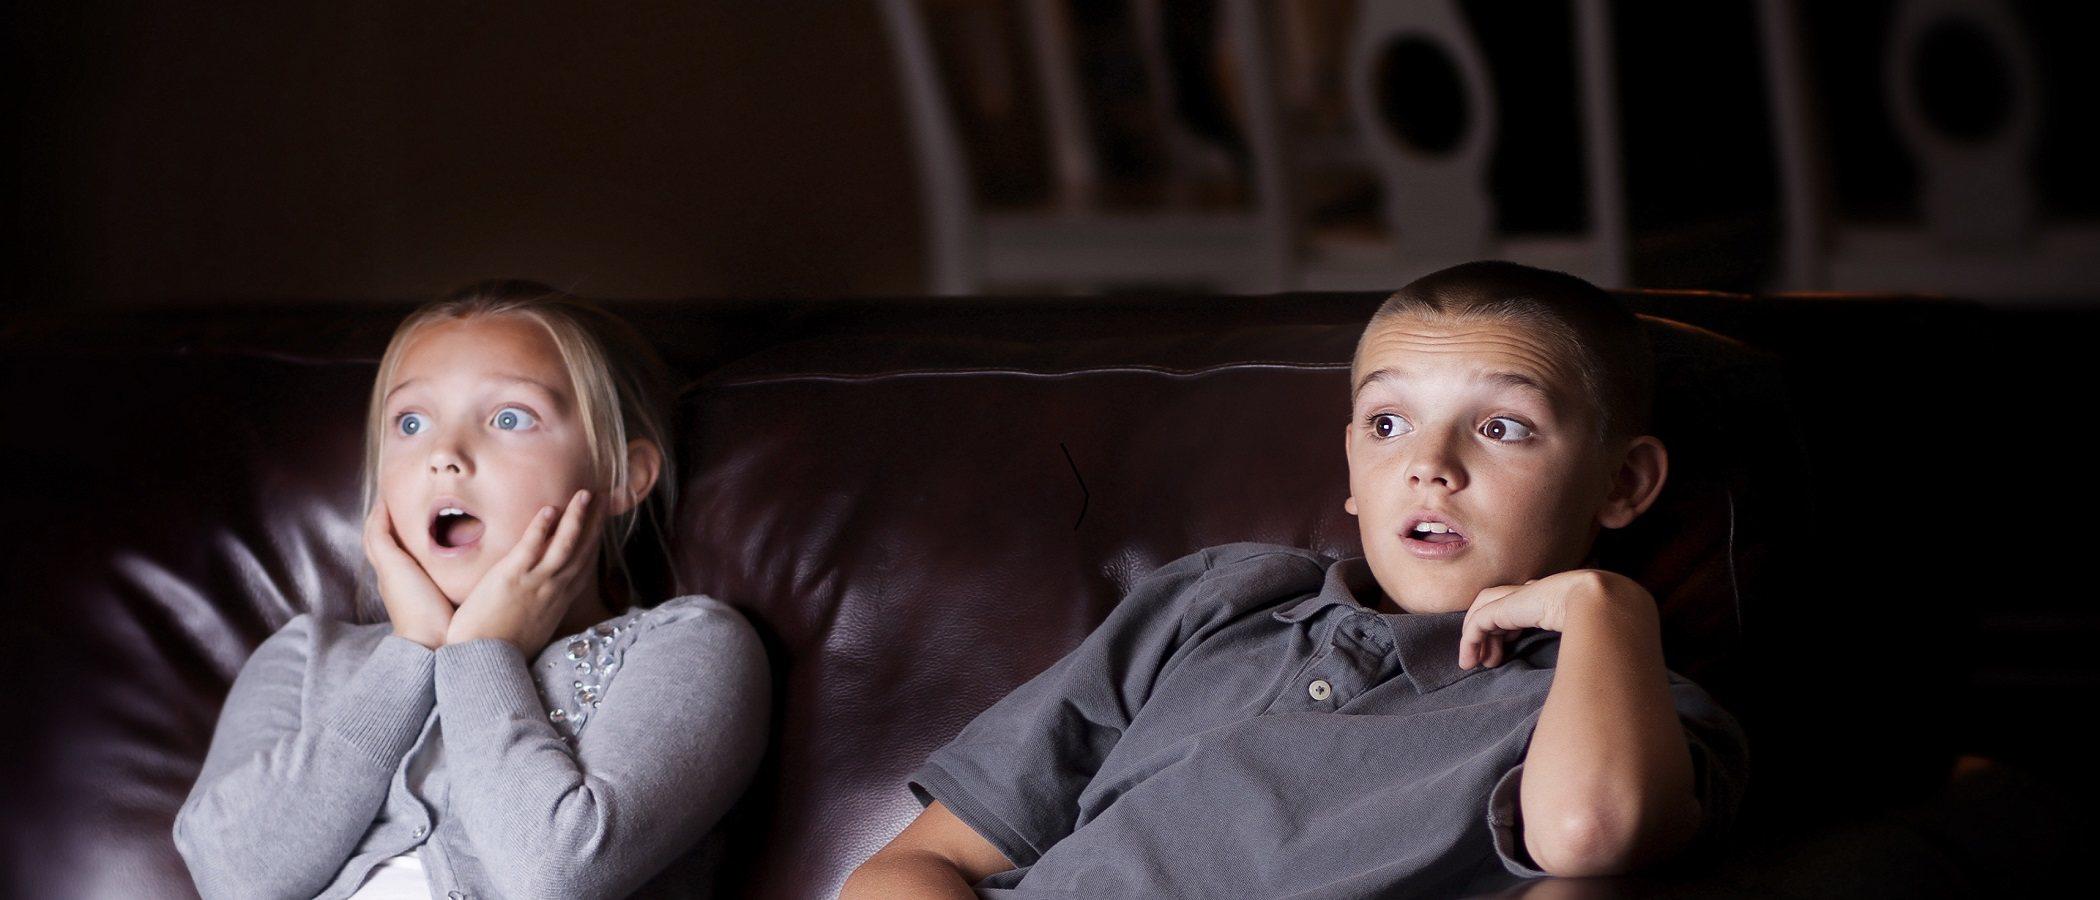 Cómo ayudar a los niños a lidiar con las películas de miedo